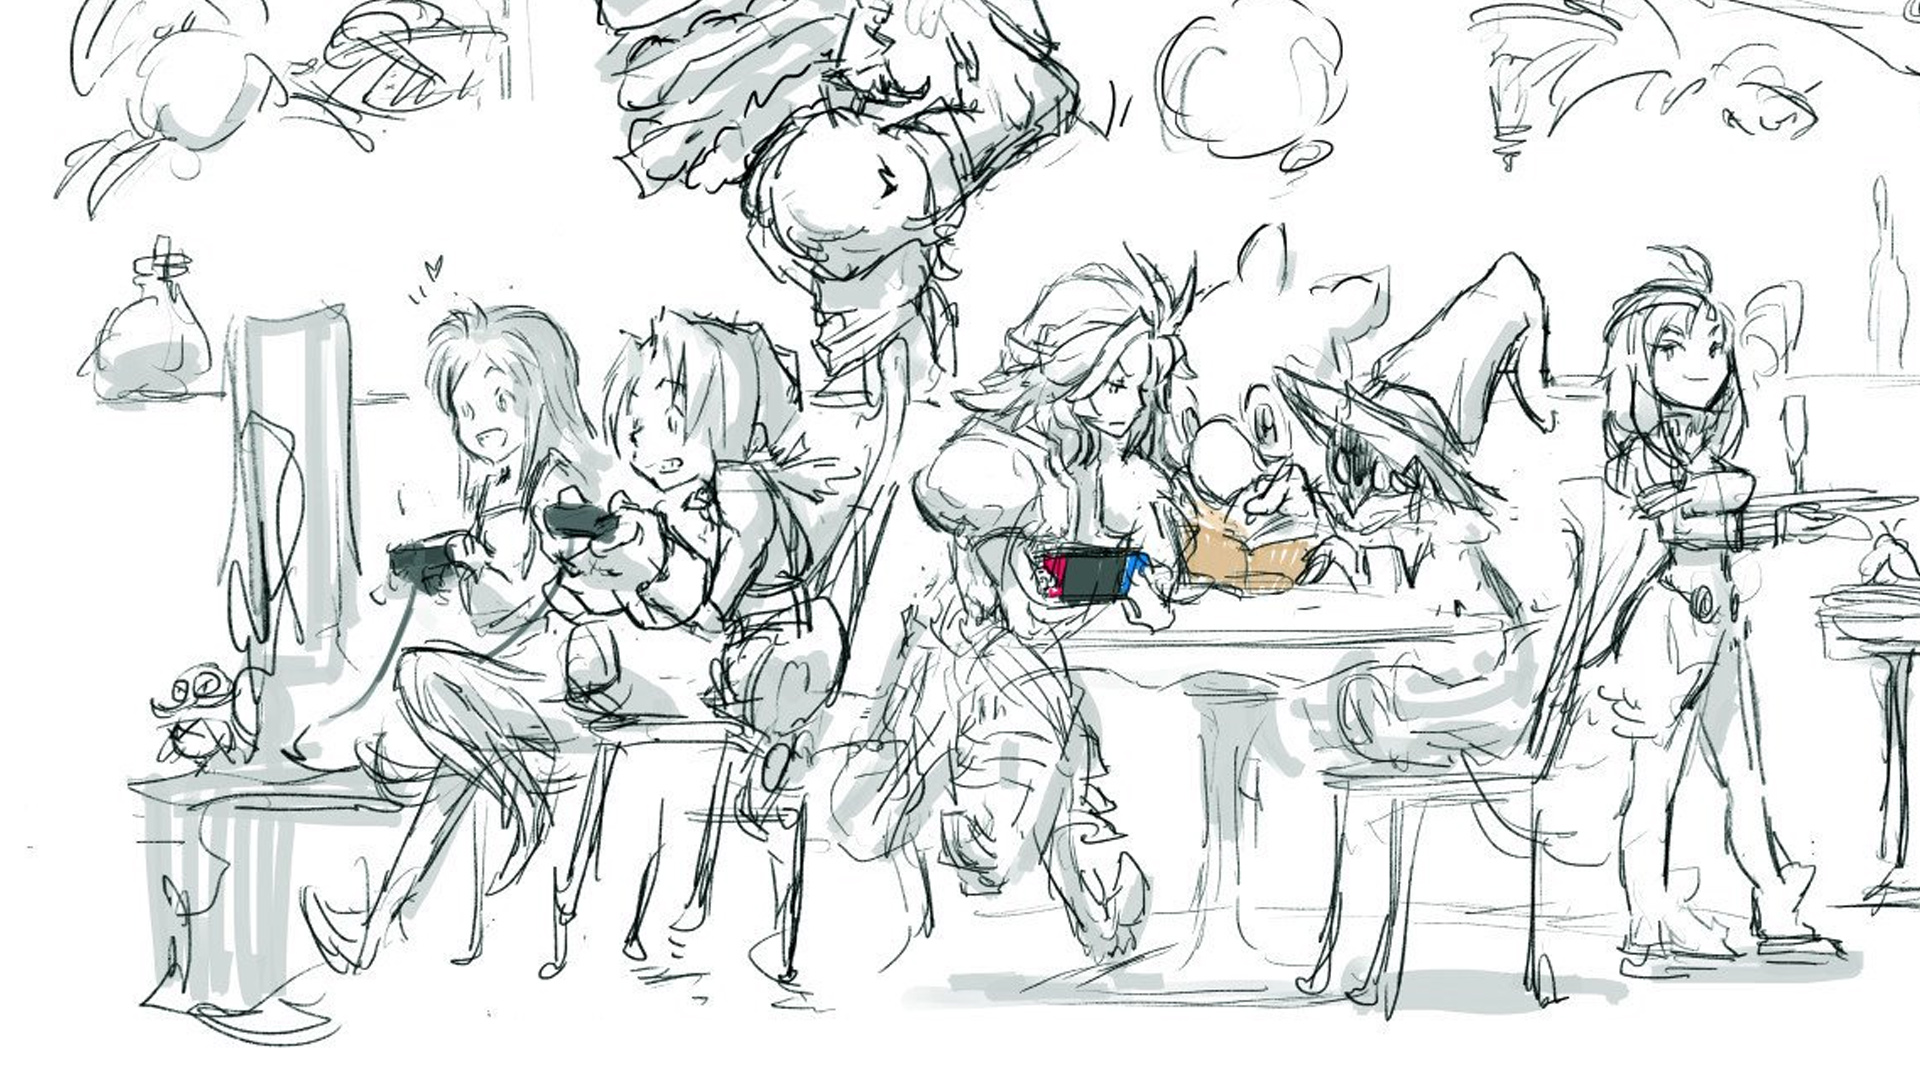 Final Fantasy Ix Character Designer Draws Up The Gang